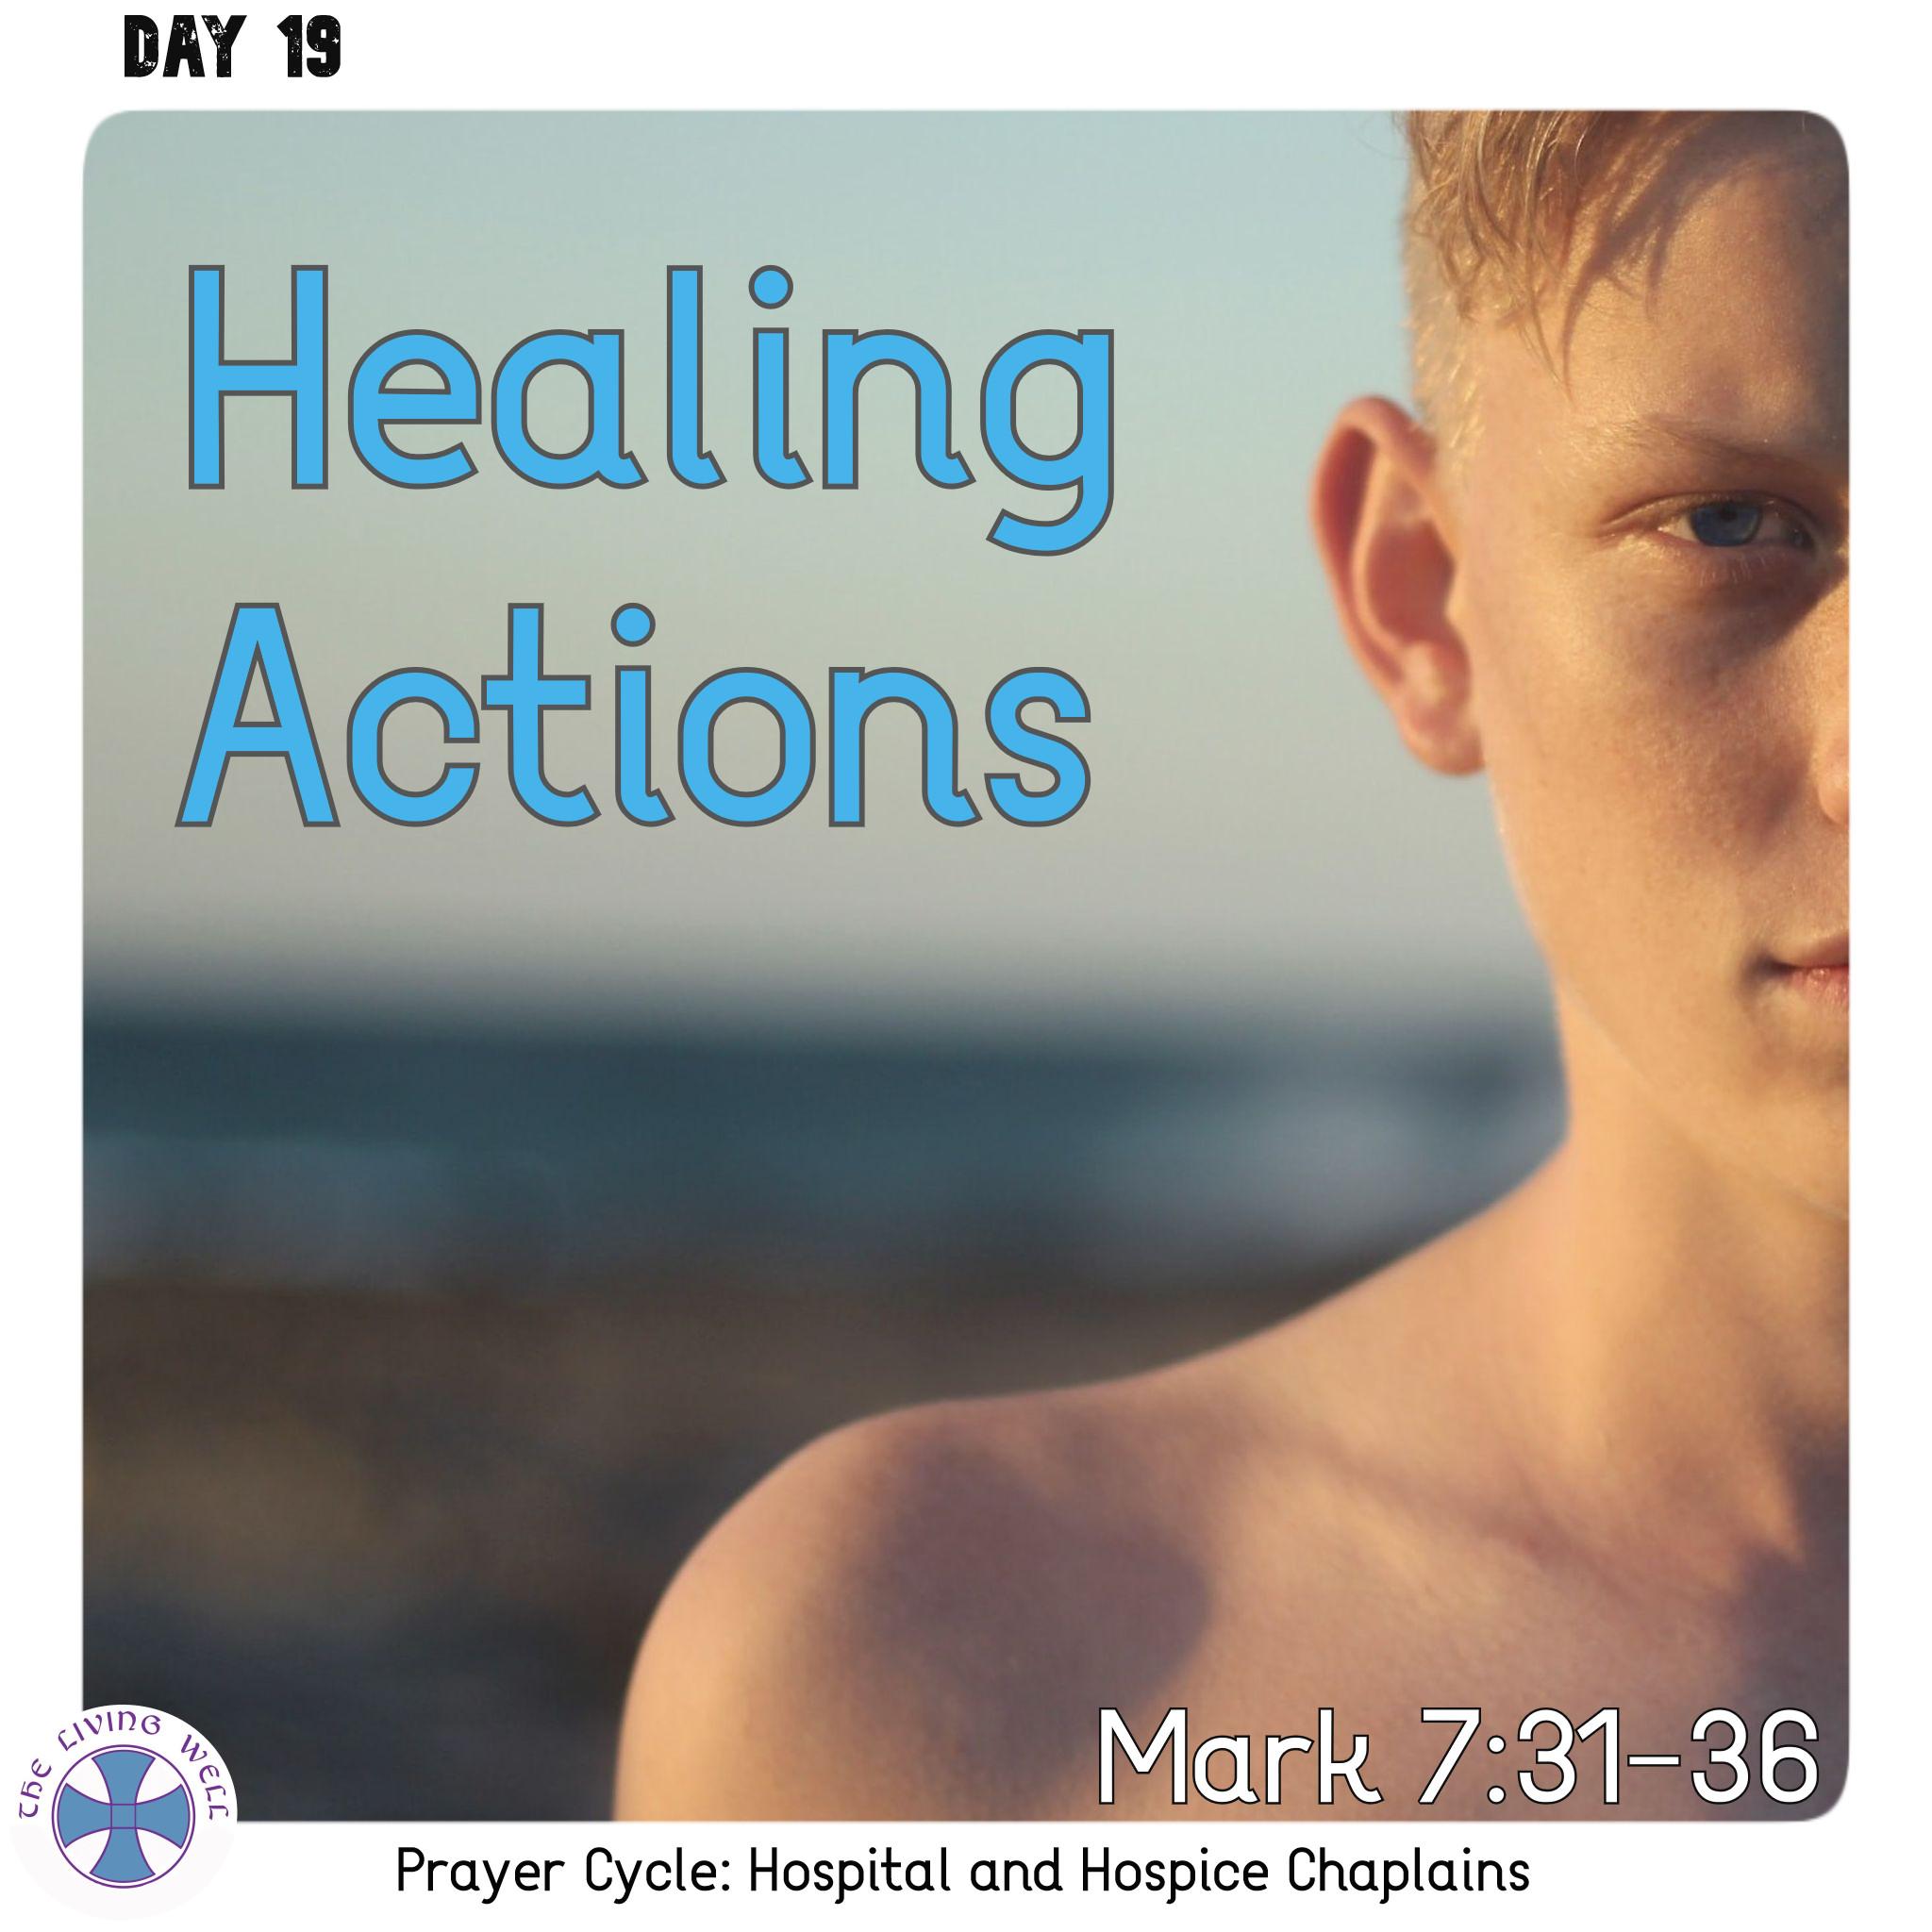 Healing Actions